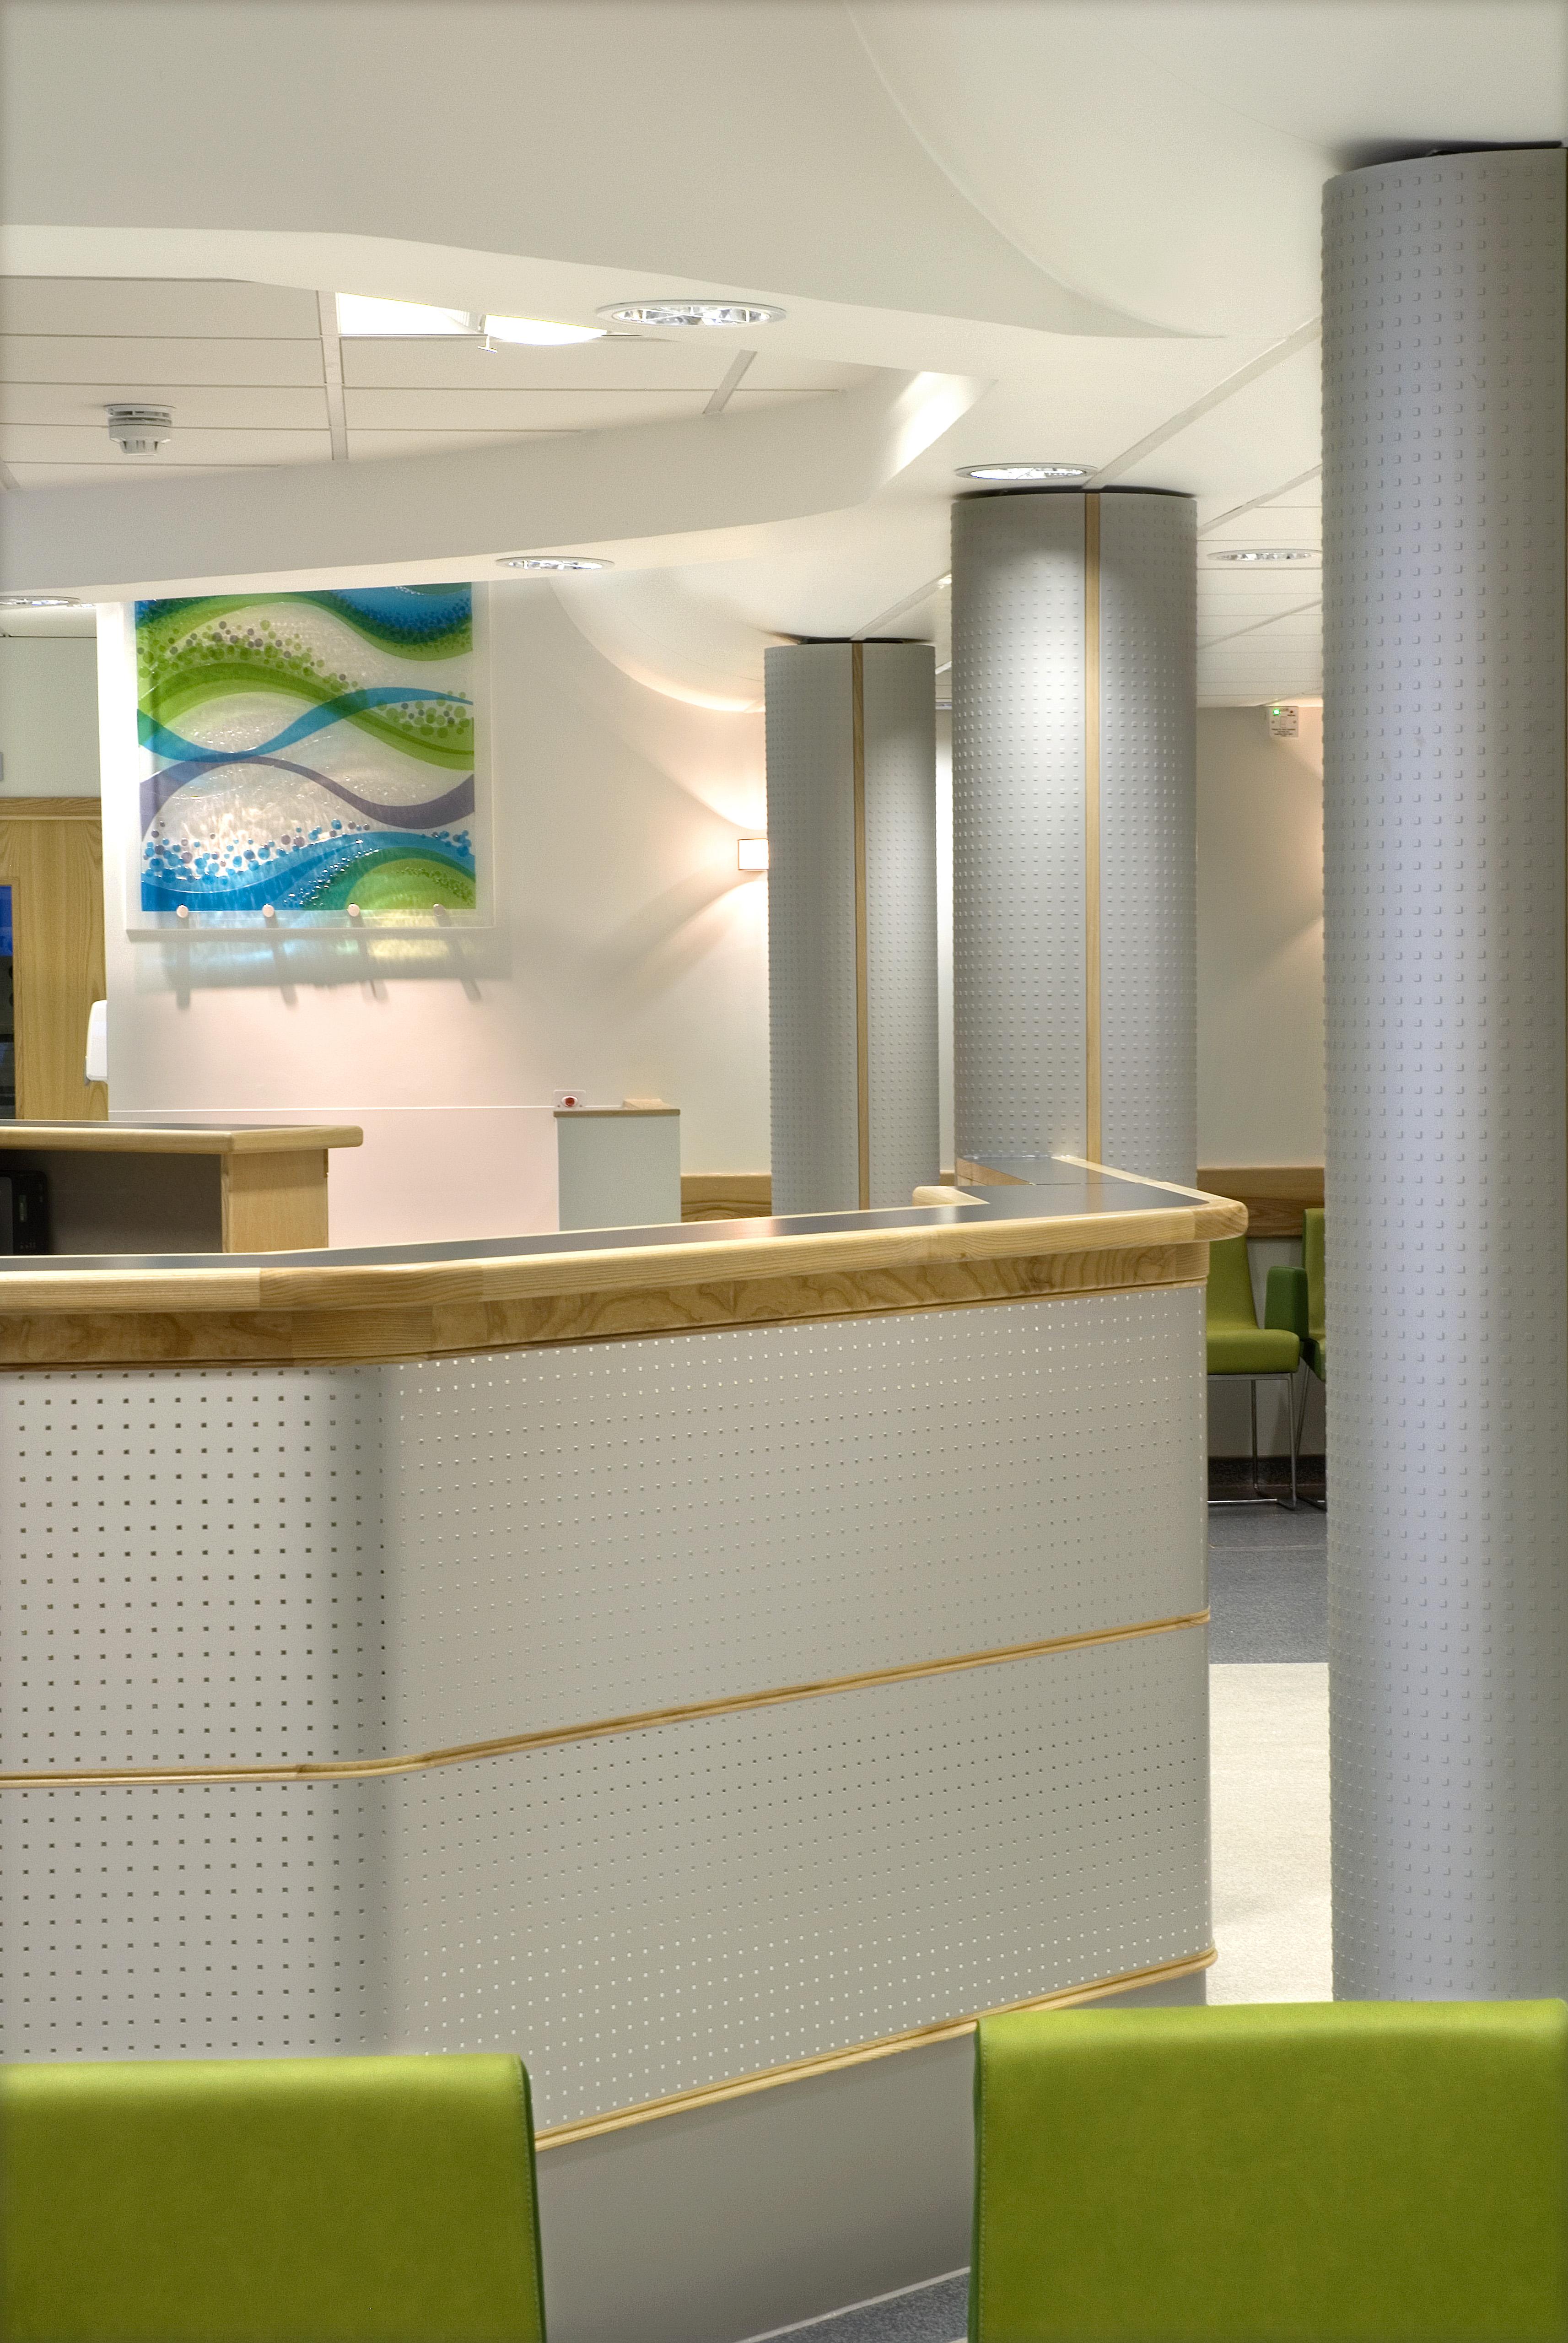 frimley-park-hospital-sept-09-0104